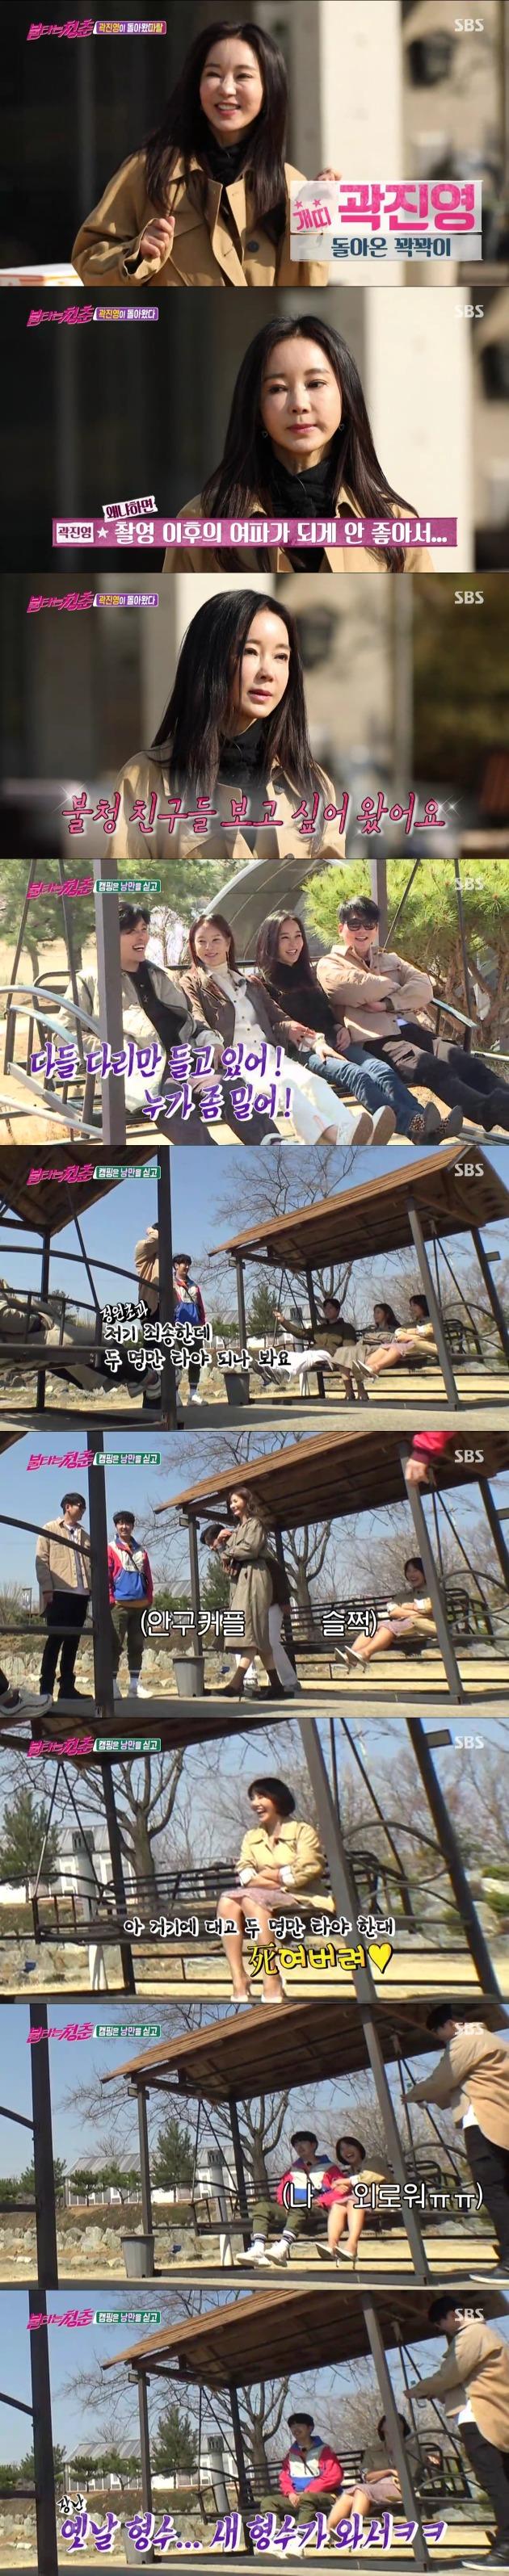 안혜경, 구본승과 강경헌이 묘한 삼각관계를 형성했다. / 사진=SBS '불타는 청춘' 방송 캐처